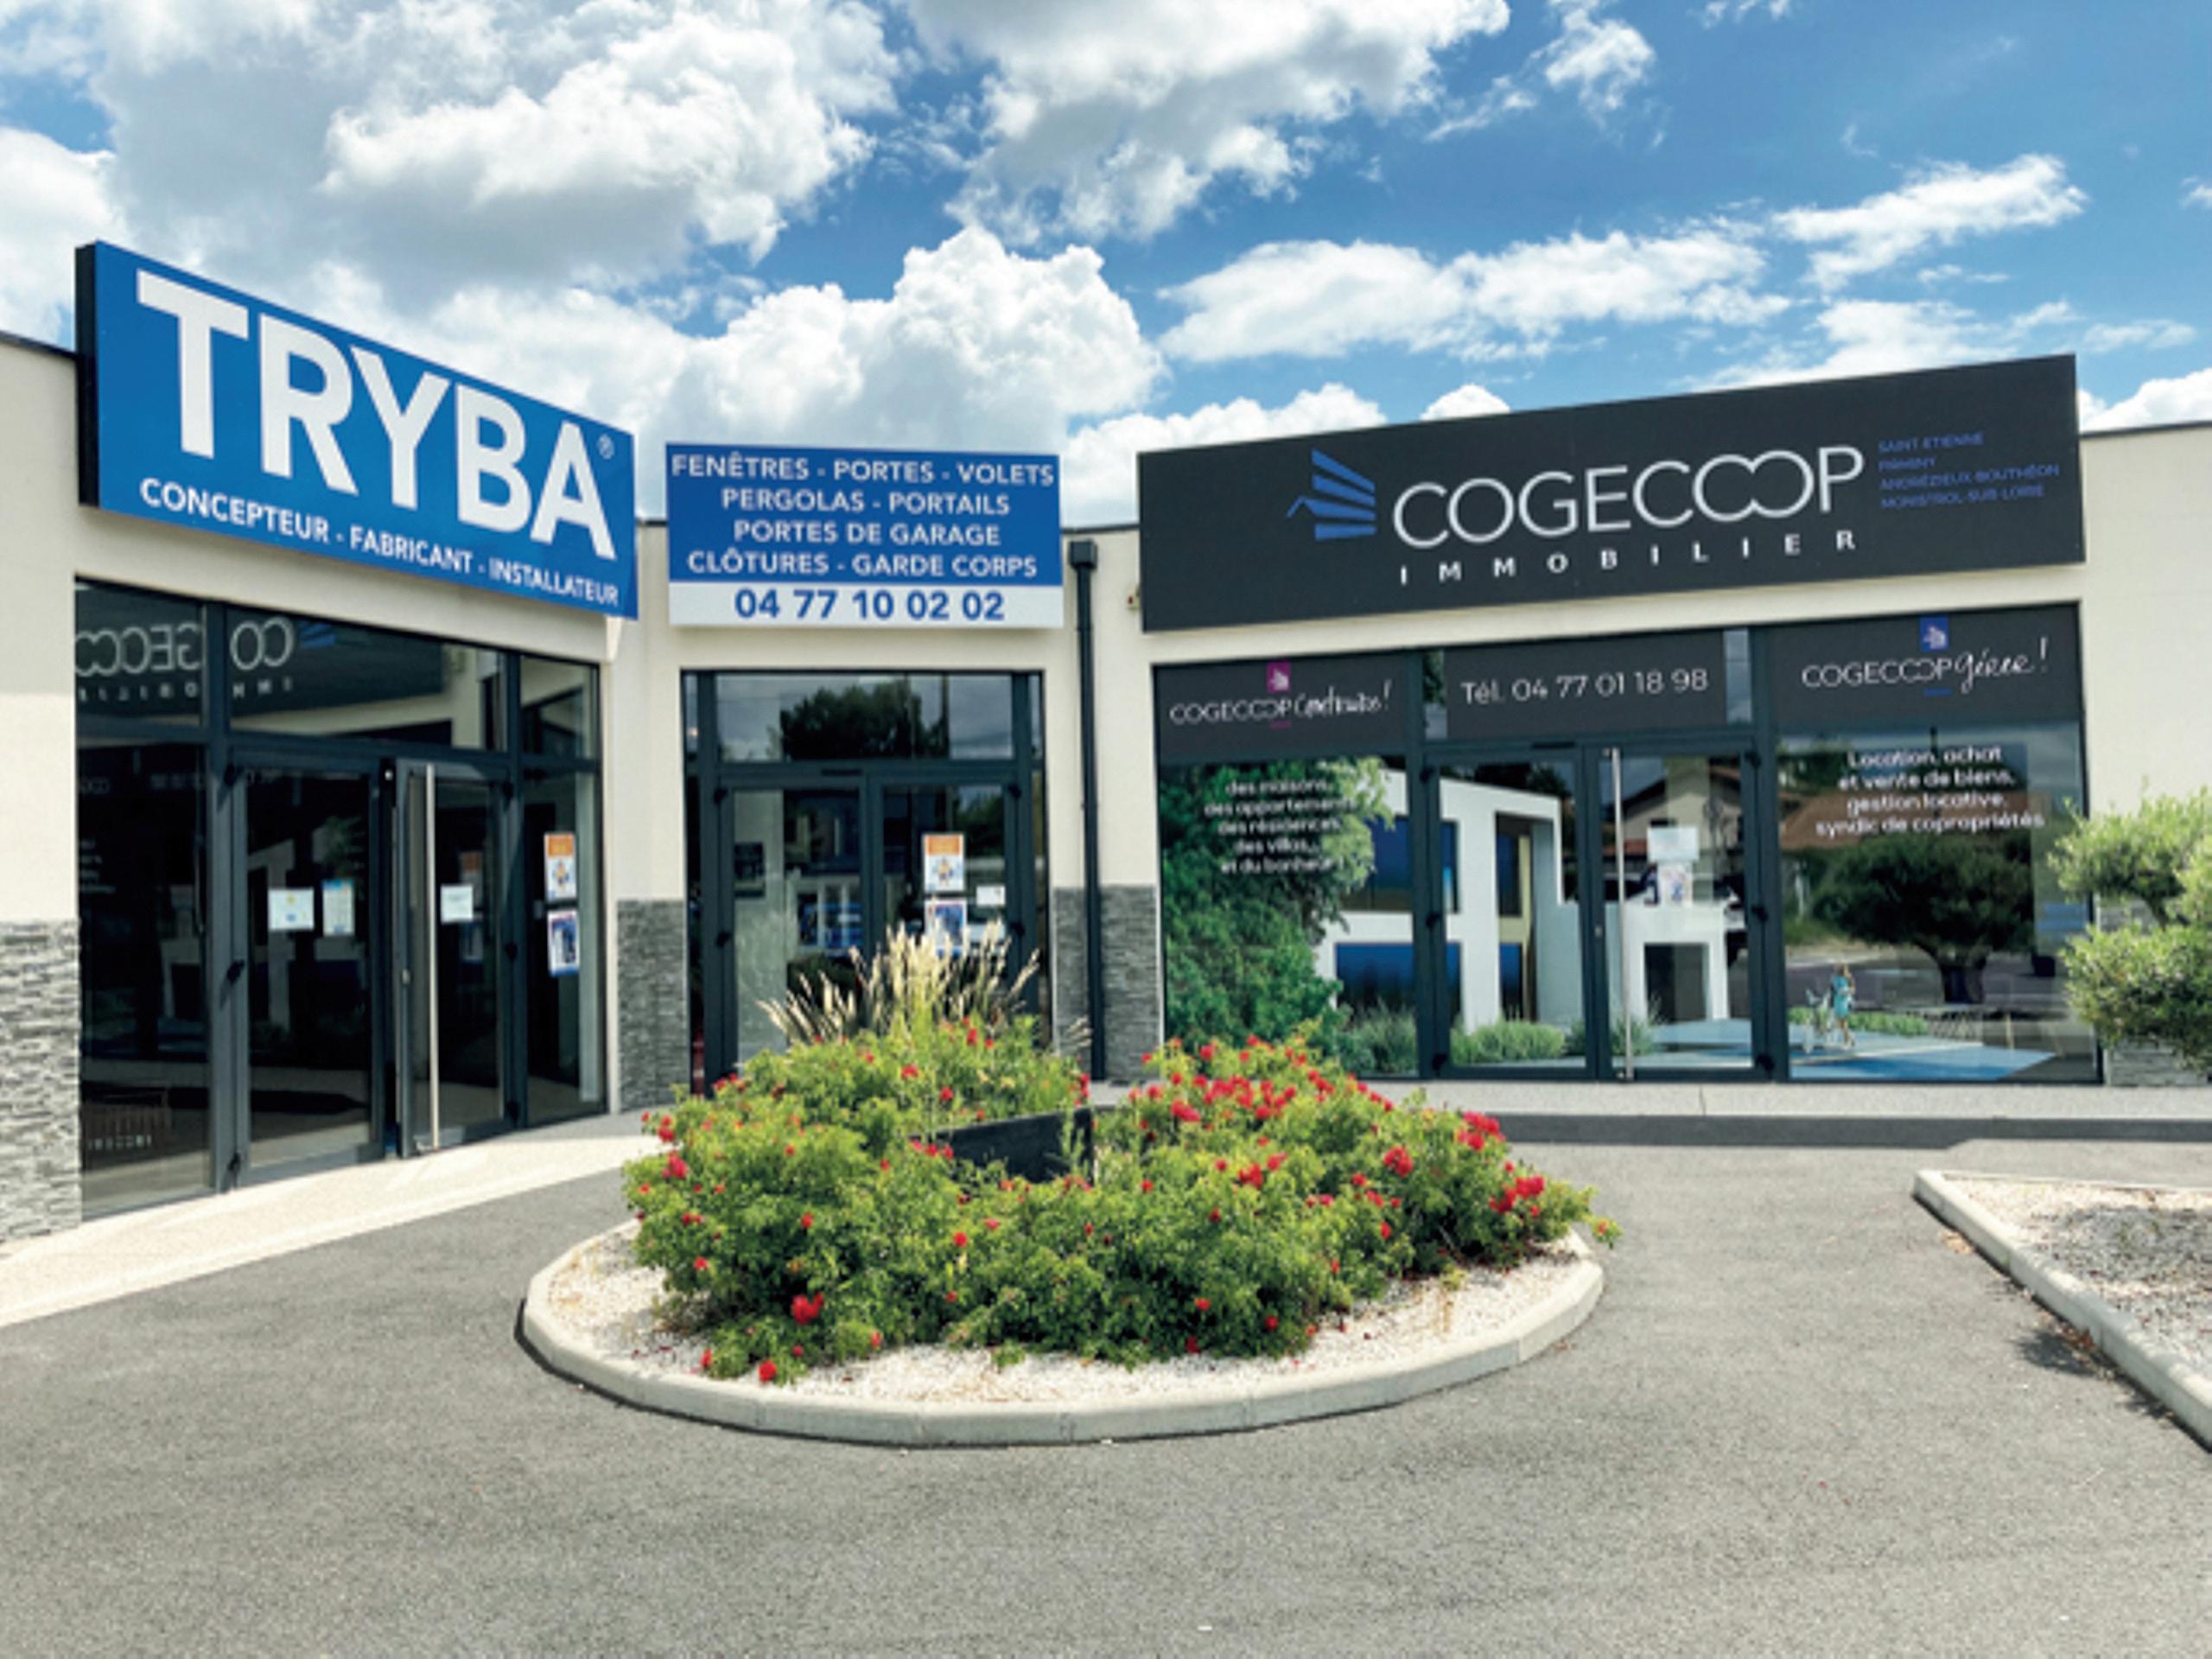 Et de Quatre ! Cogecoop a ouvert sa 4è agence à Andrézieux-Bouthéon